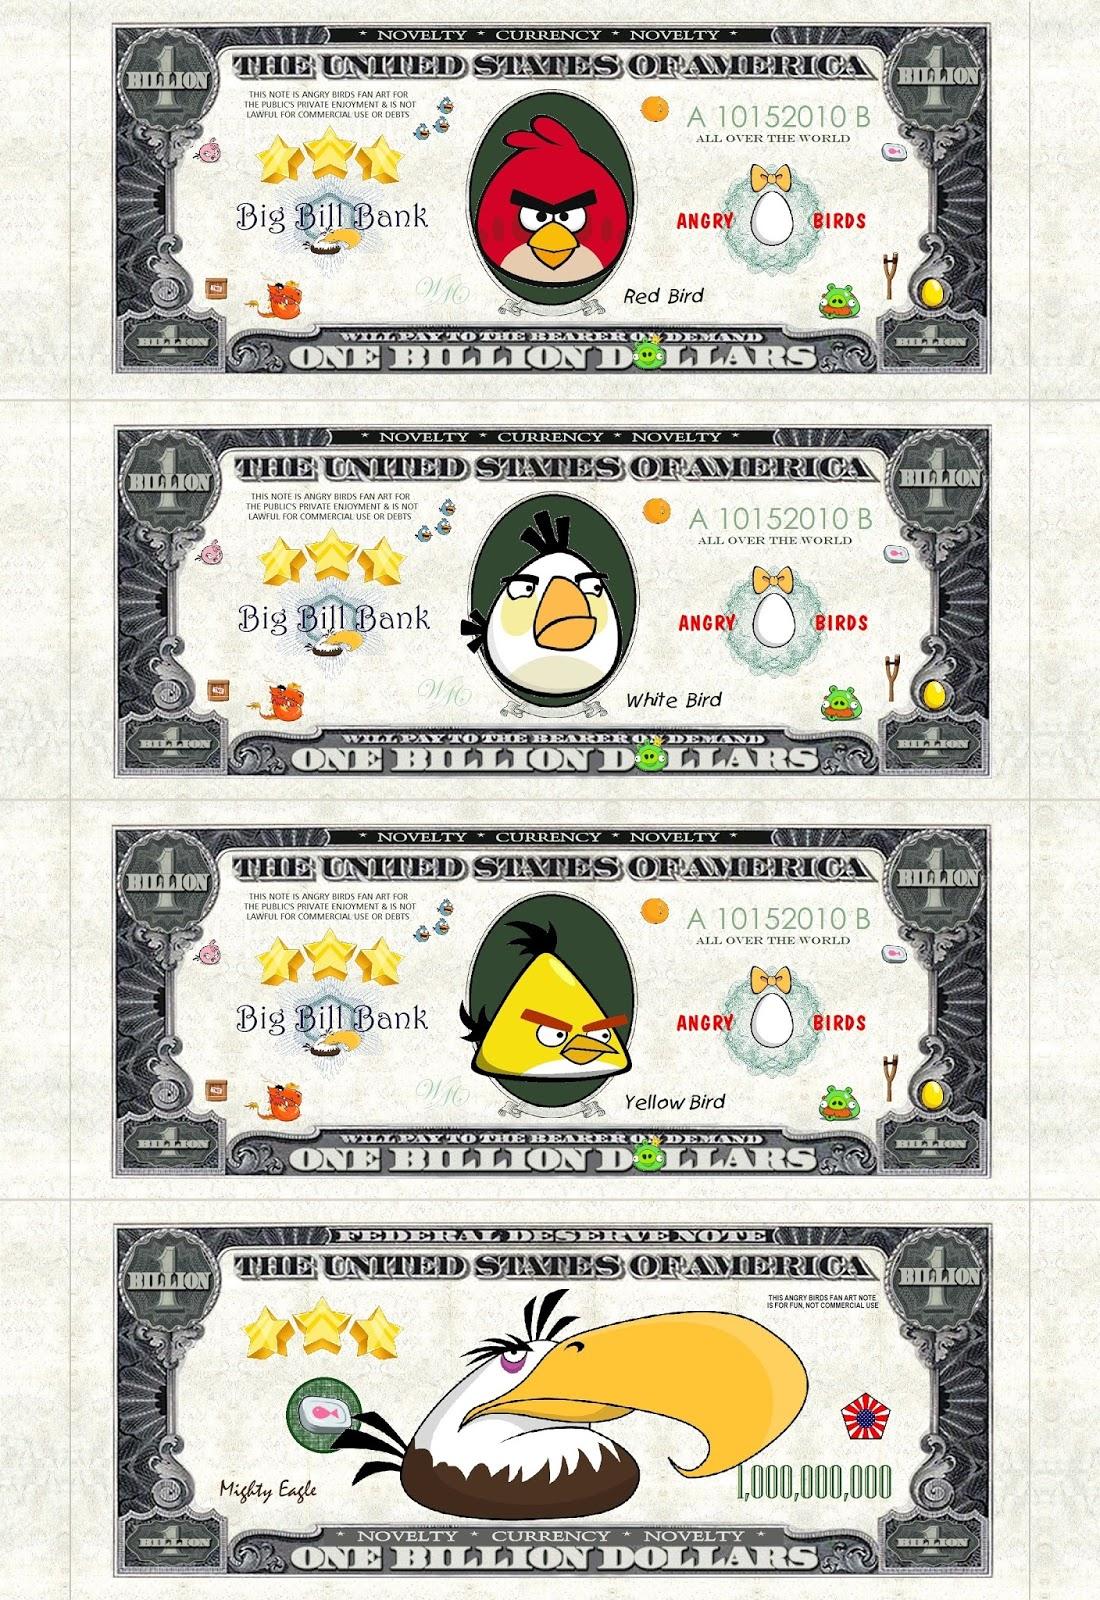 игра бердс на деньги